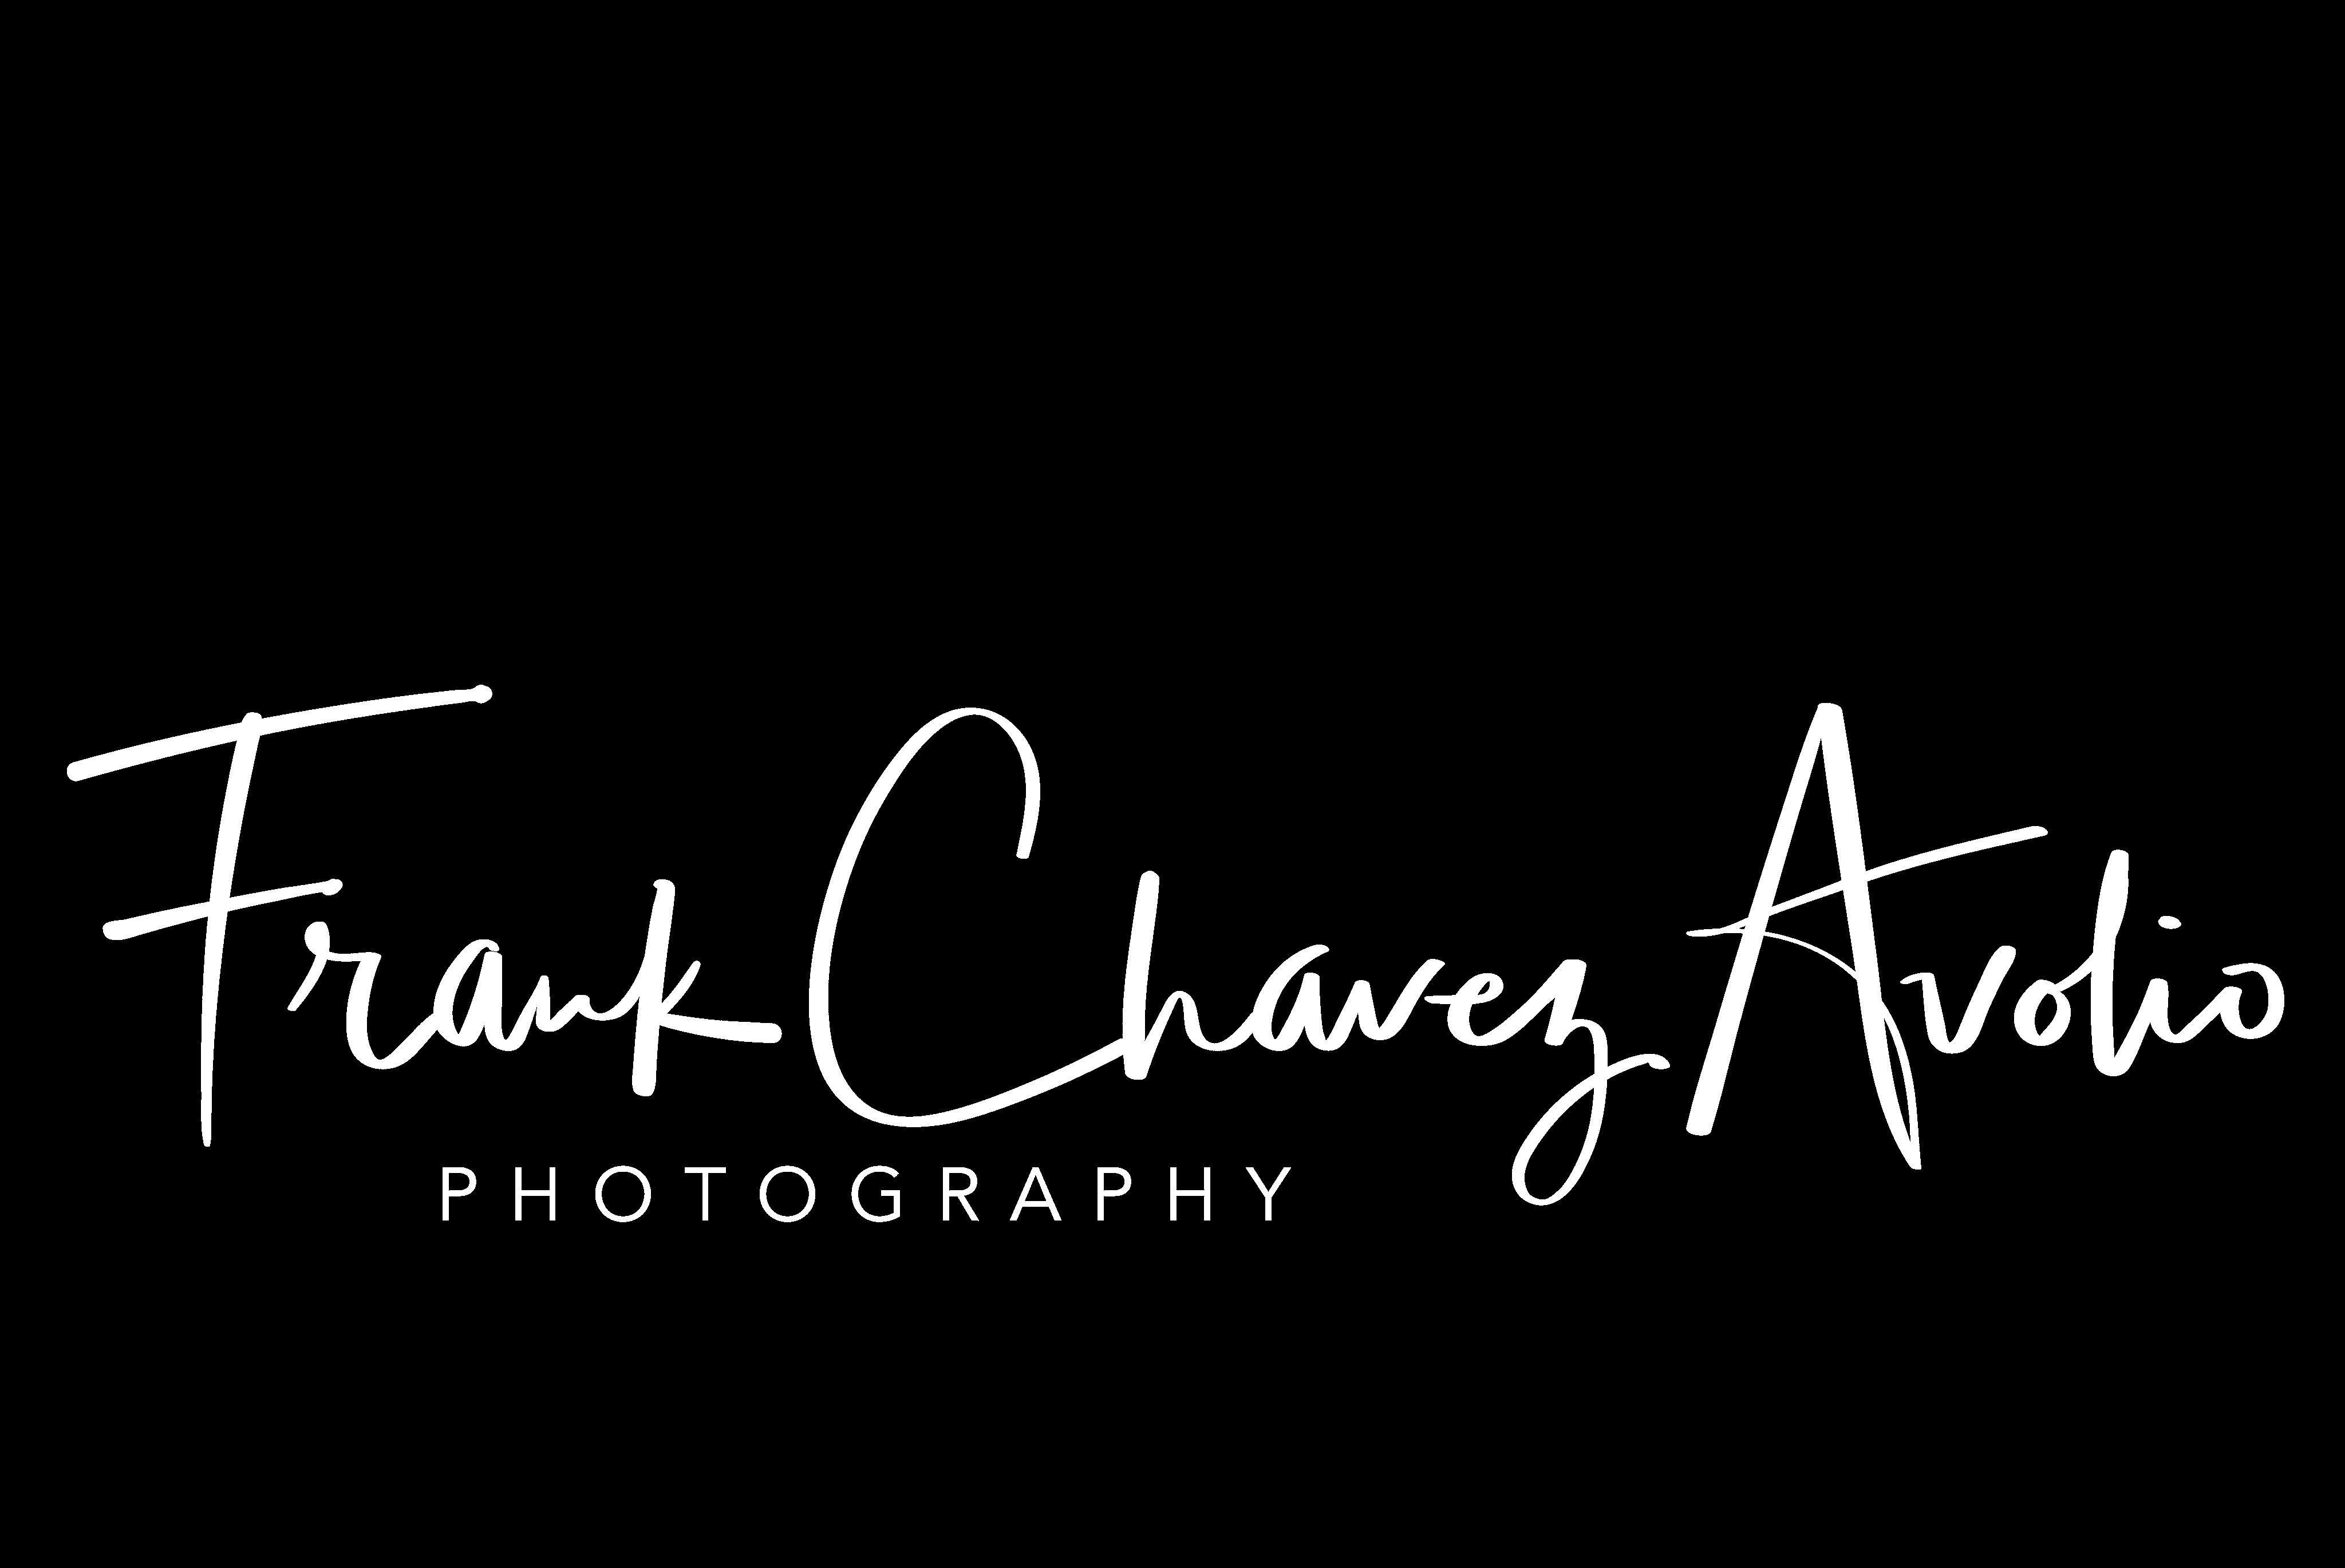 FRANK CHAVEZ AVOLIO